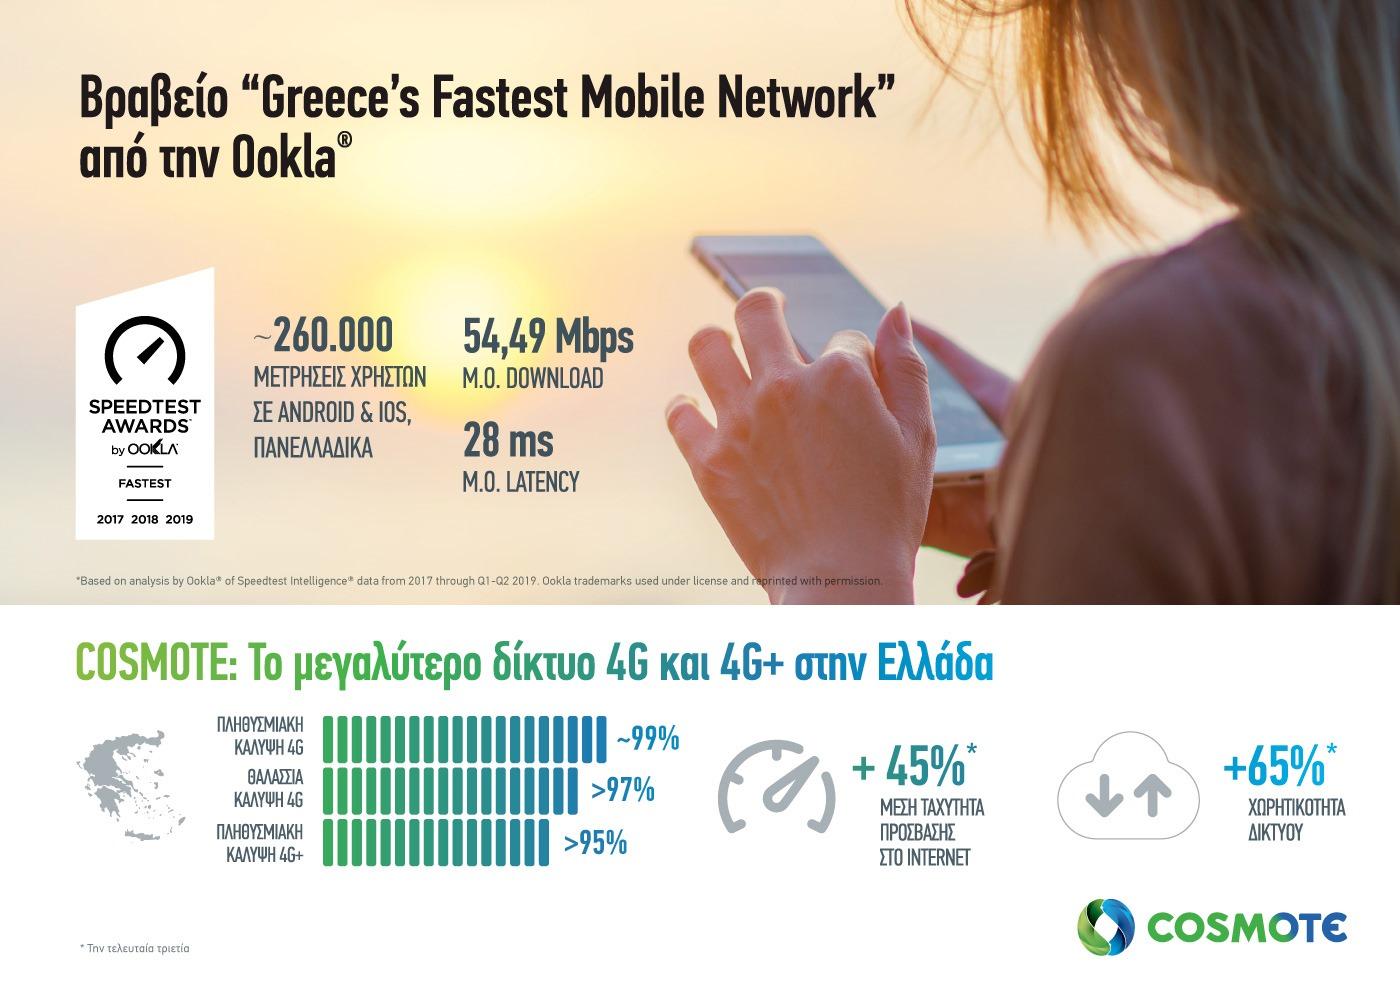 Το πιο γρήγορο δίκτυο κινητής στην Ελλάδα αναδείχθηκε η